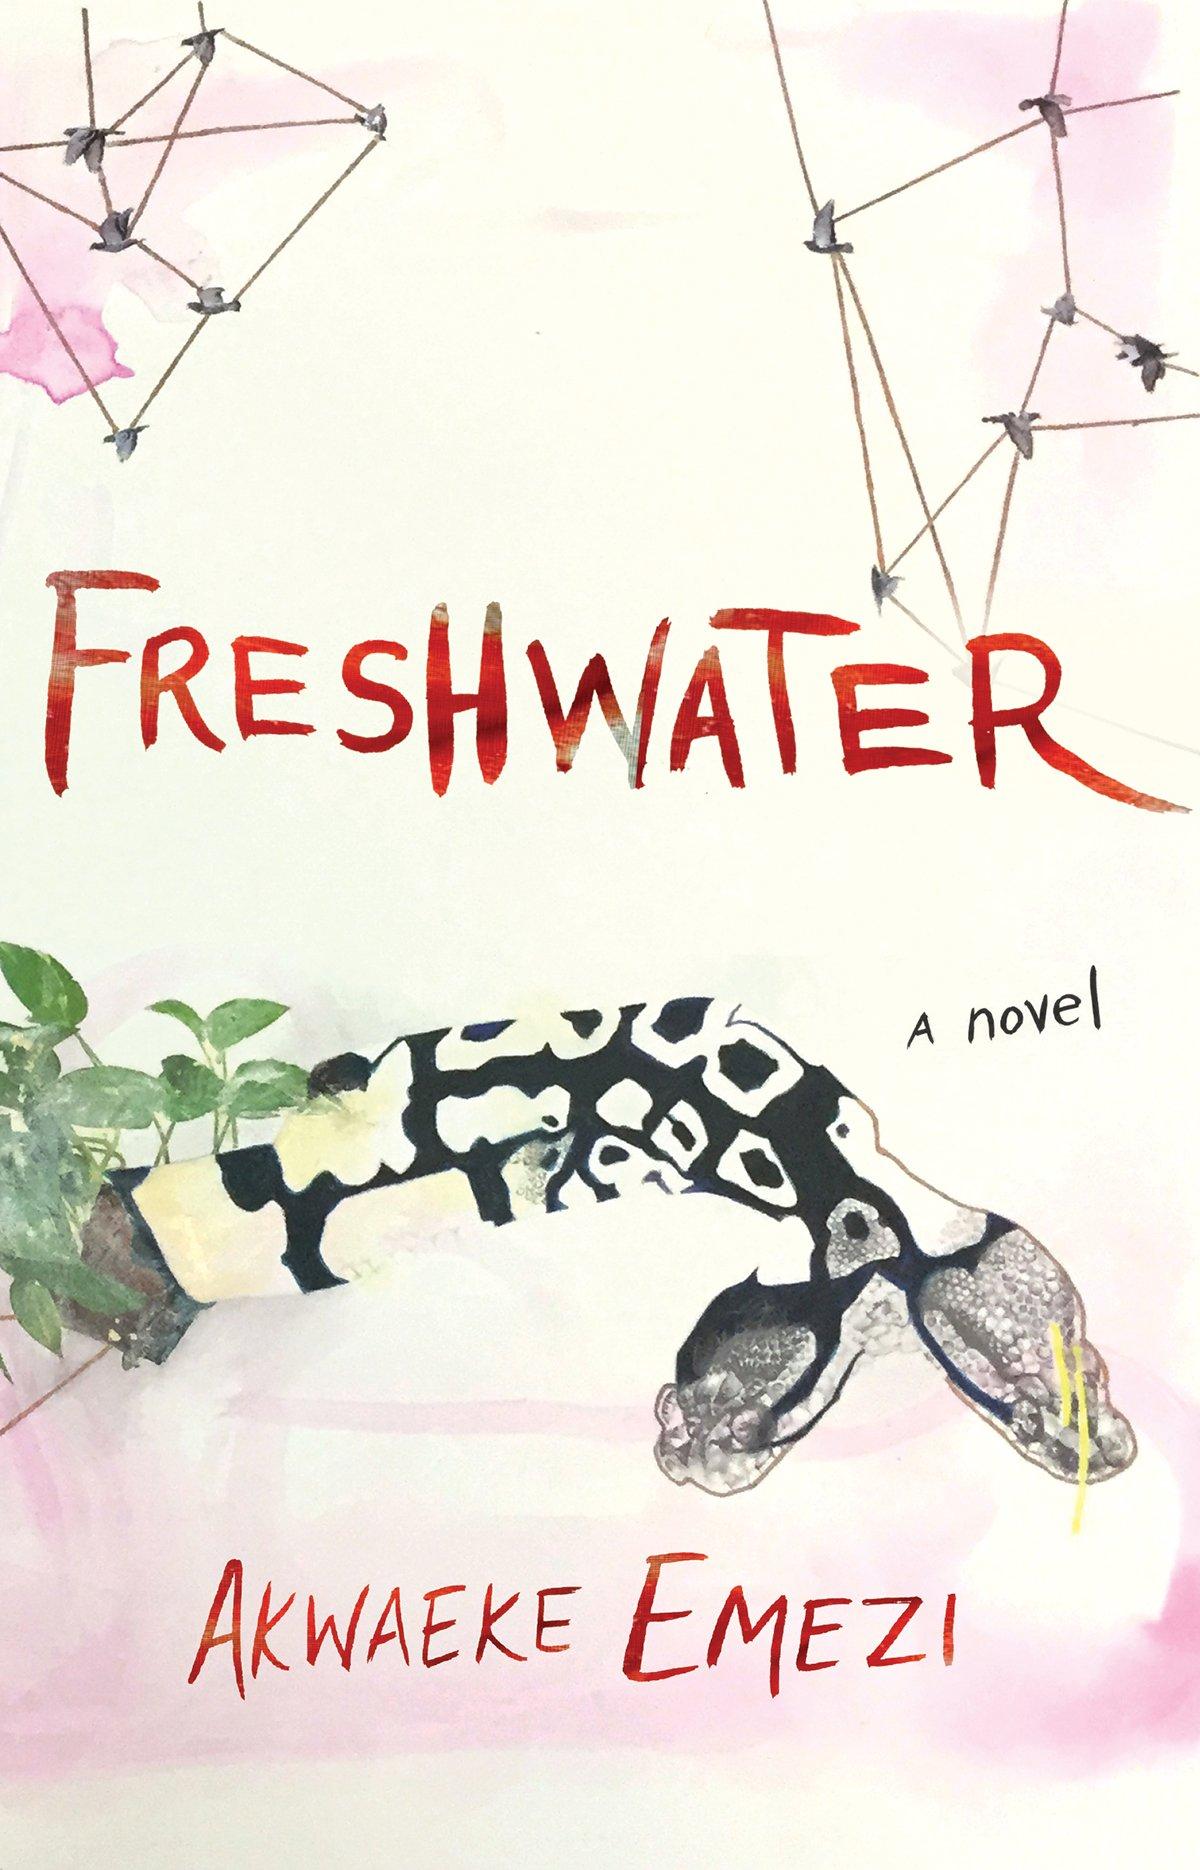 Amazon.com: Freshwater (9780802127358): Emezi, Akwaeke: Books